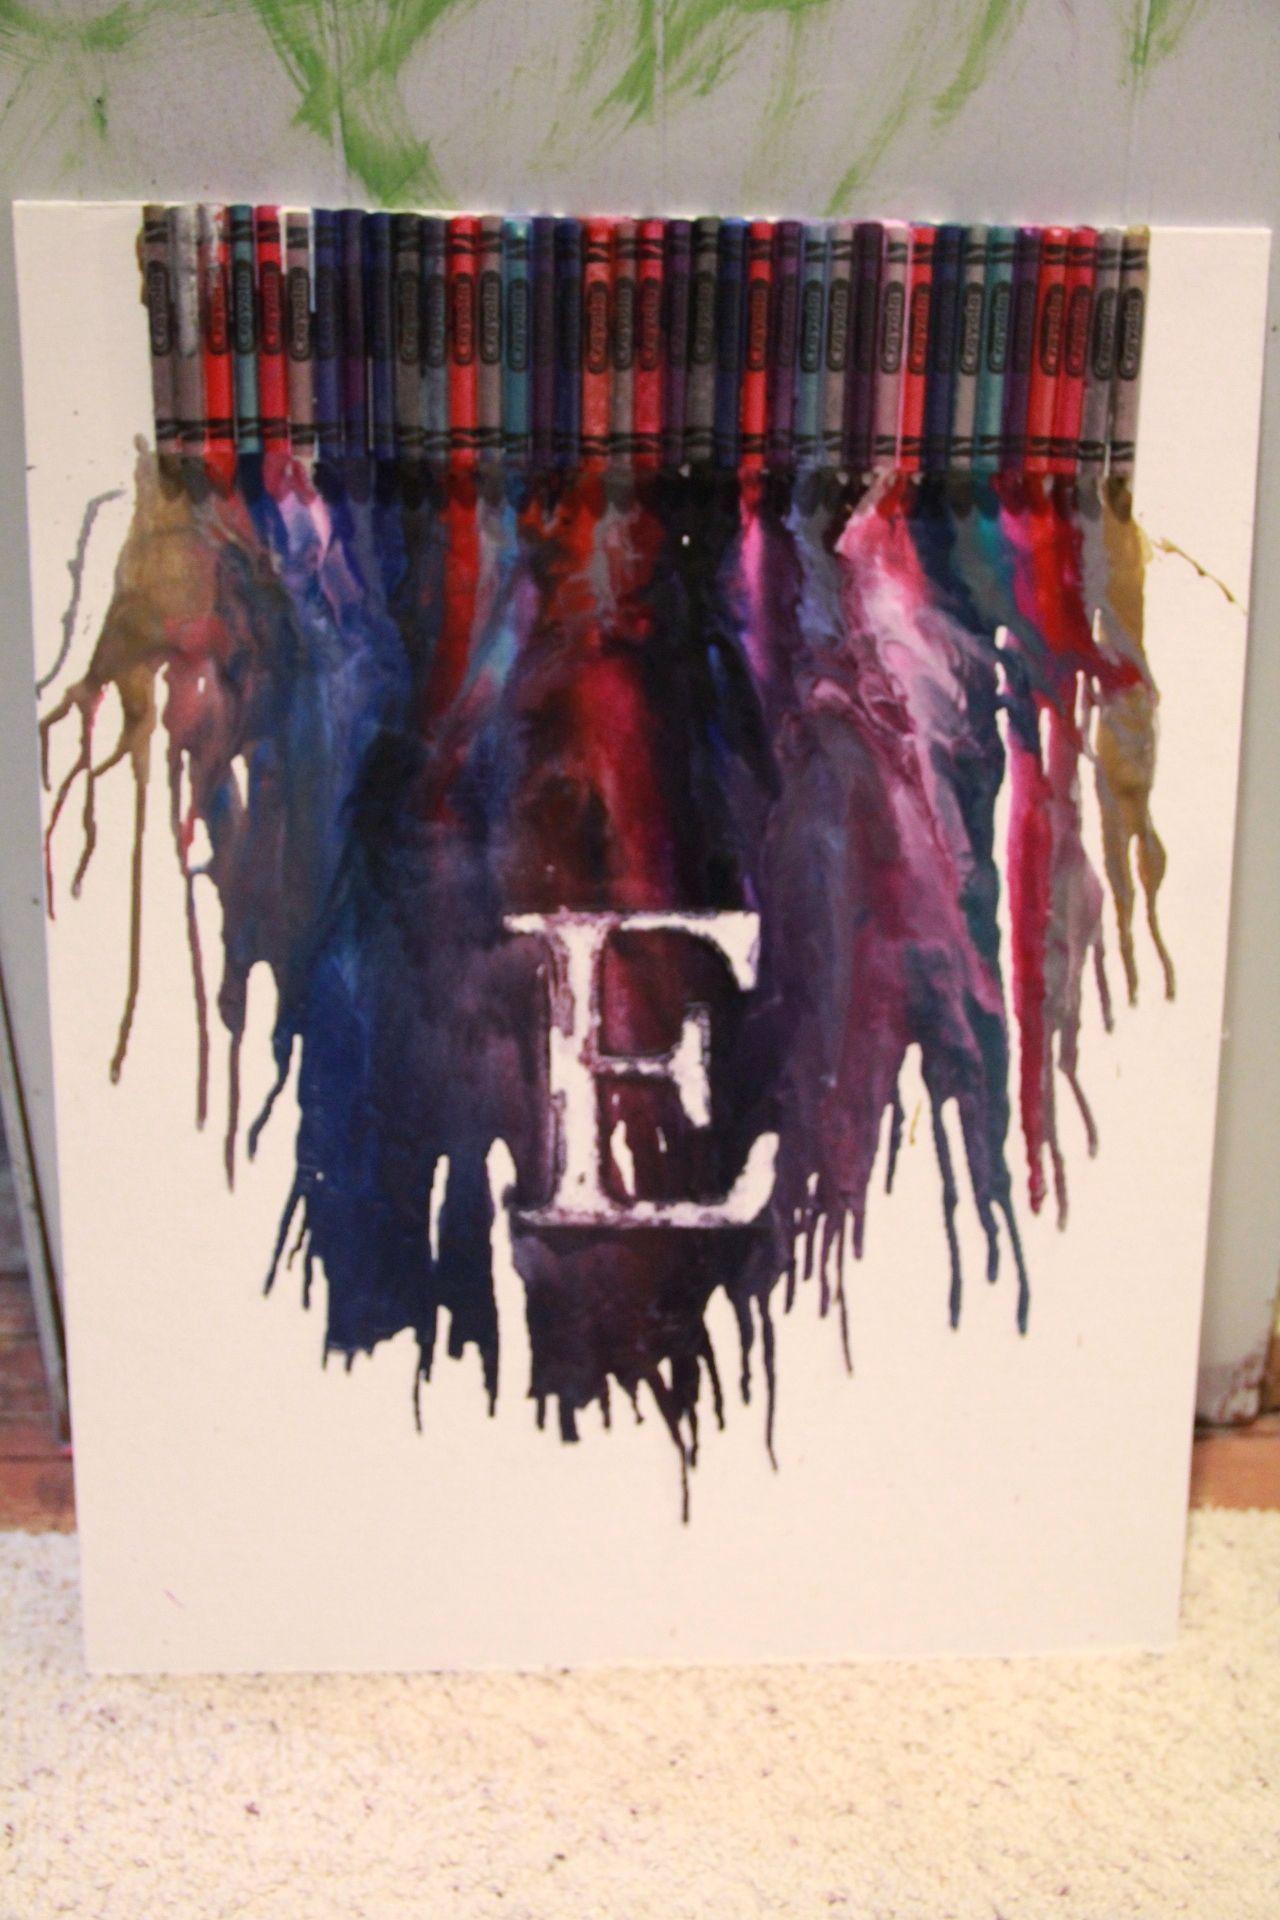 Crayon Art D Crayon art, Crafts, Diy crafts